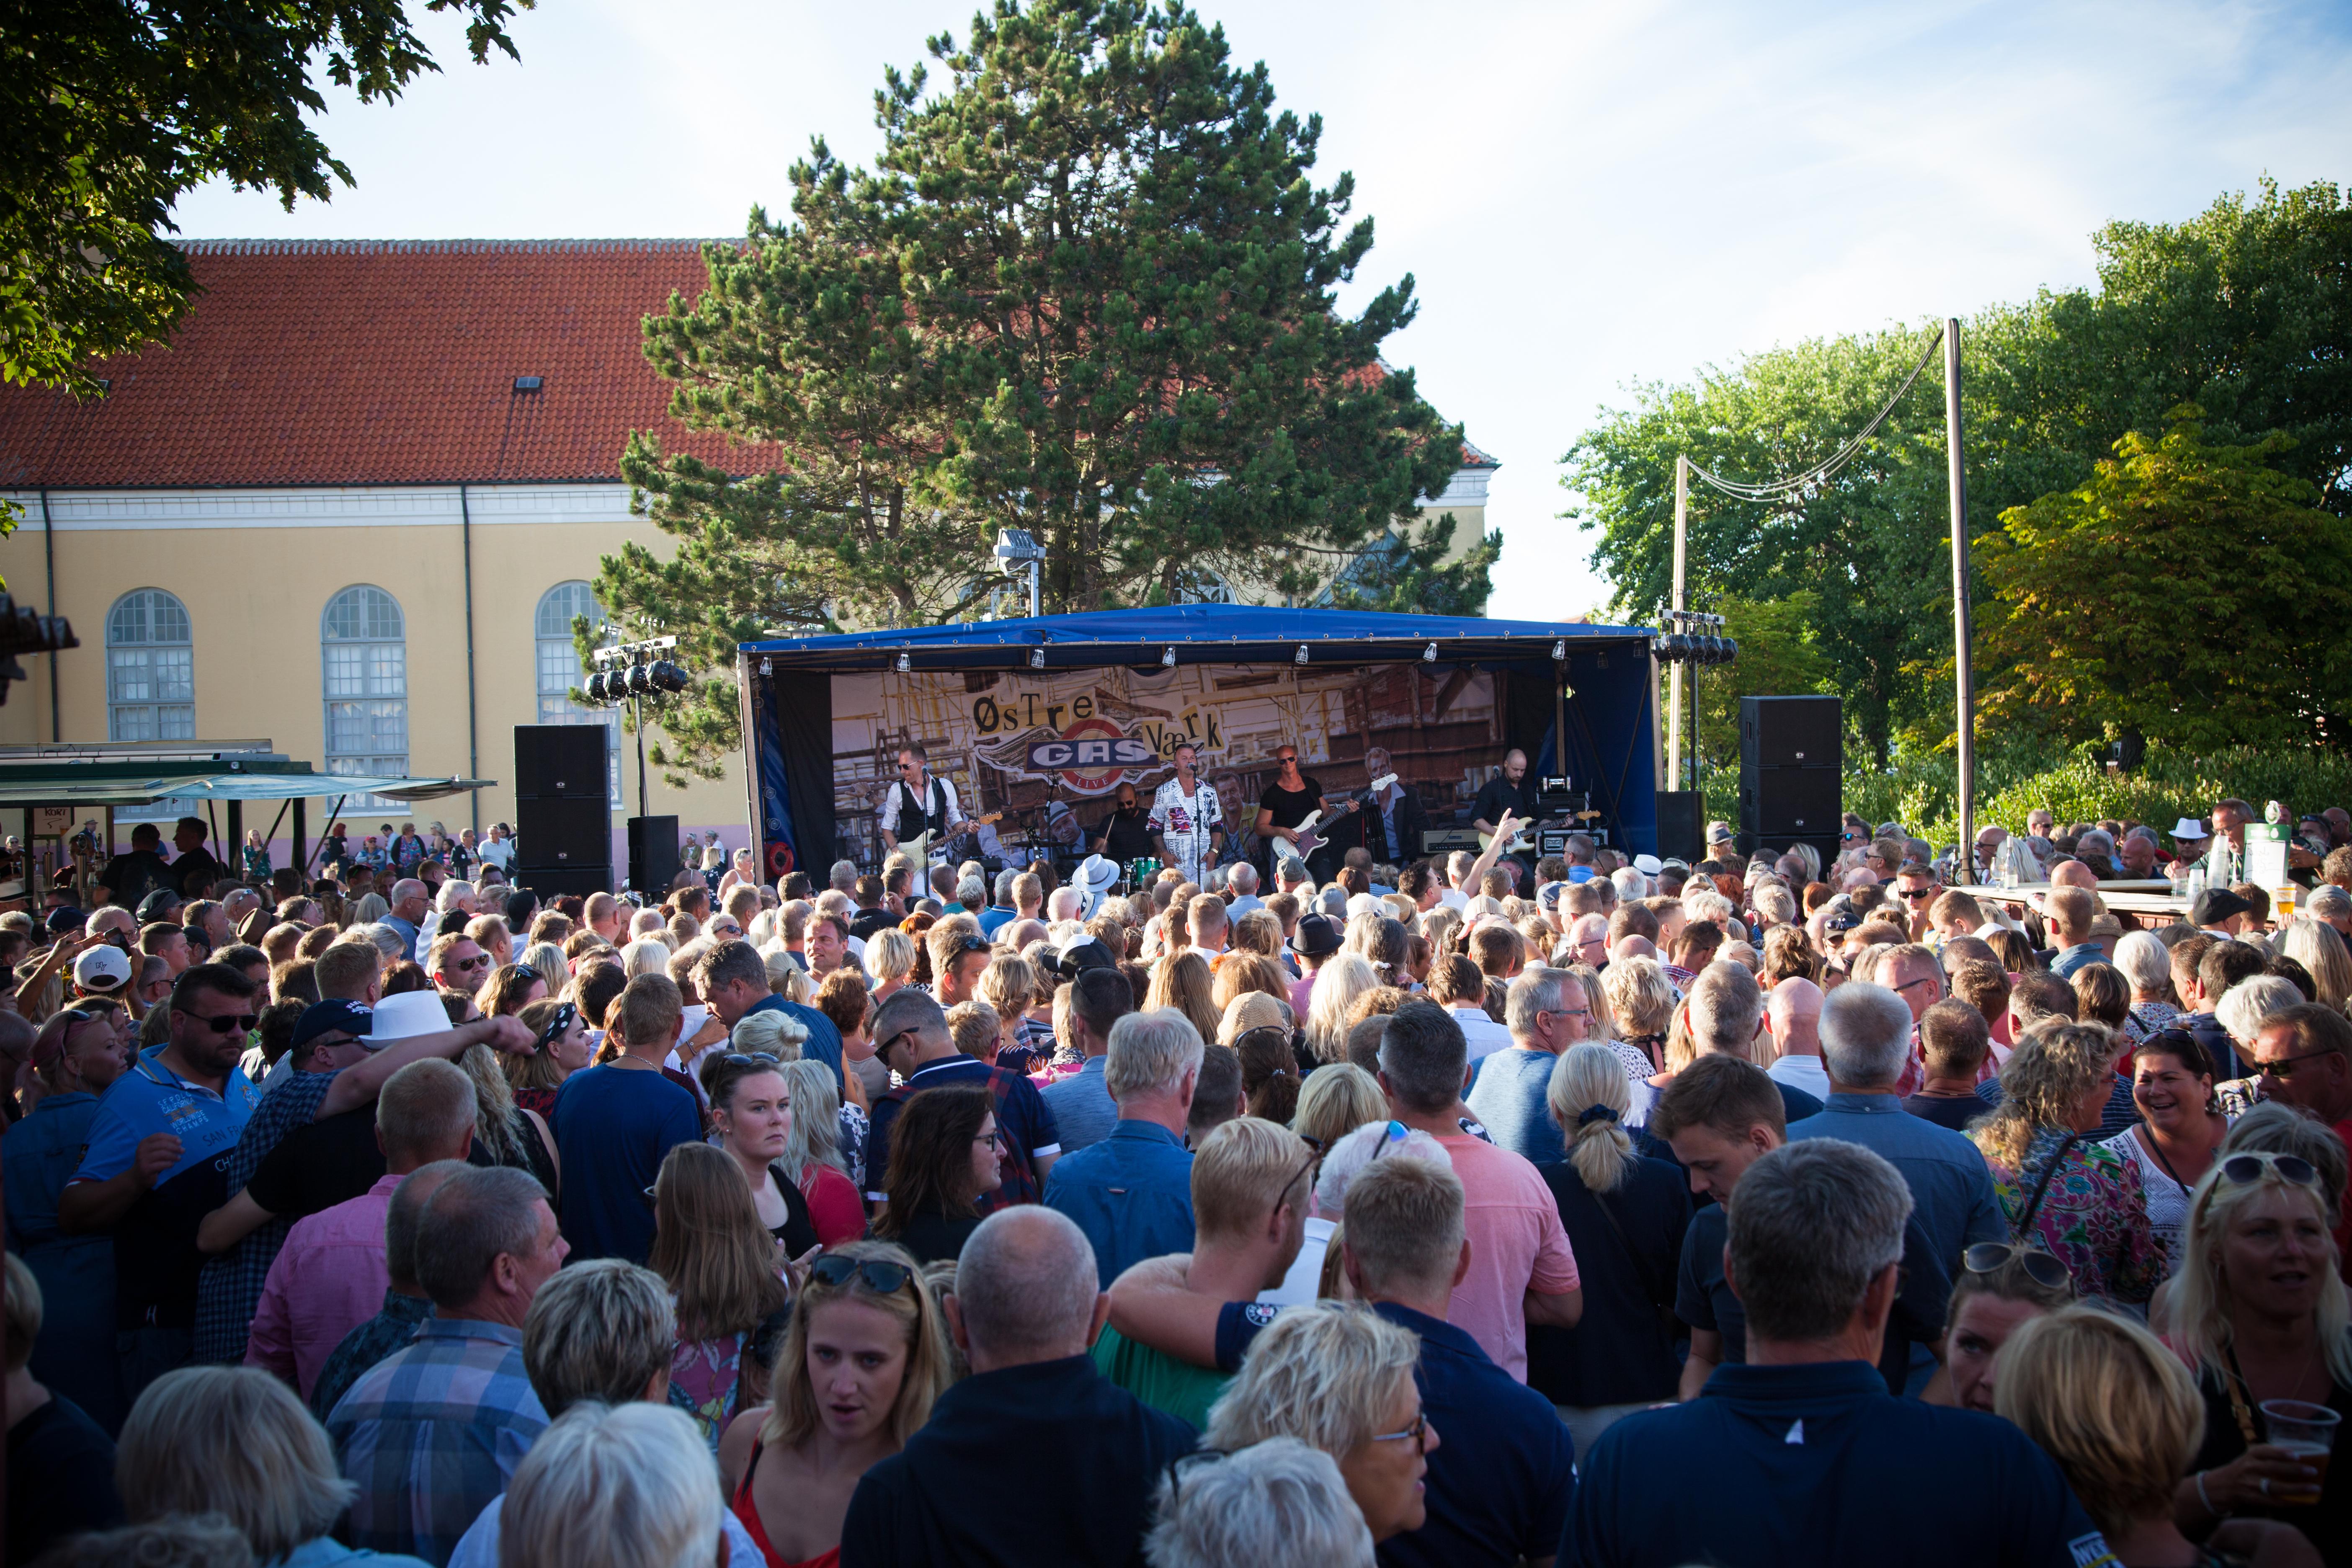 Musikken spiller atter årets Skagen Festival fra 4. til 7. juli – festivalen regnes som Danmark ældste af sin art og giver omsætning på cirka 90 millioner kroner. Foto: Skagen Festival.